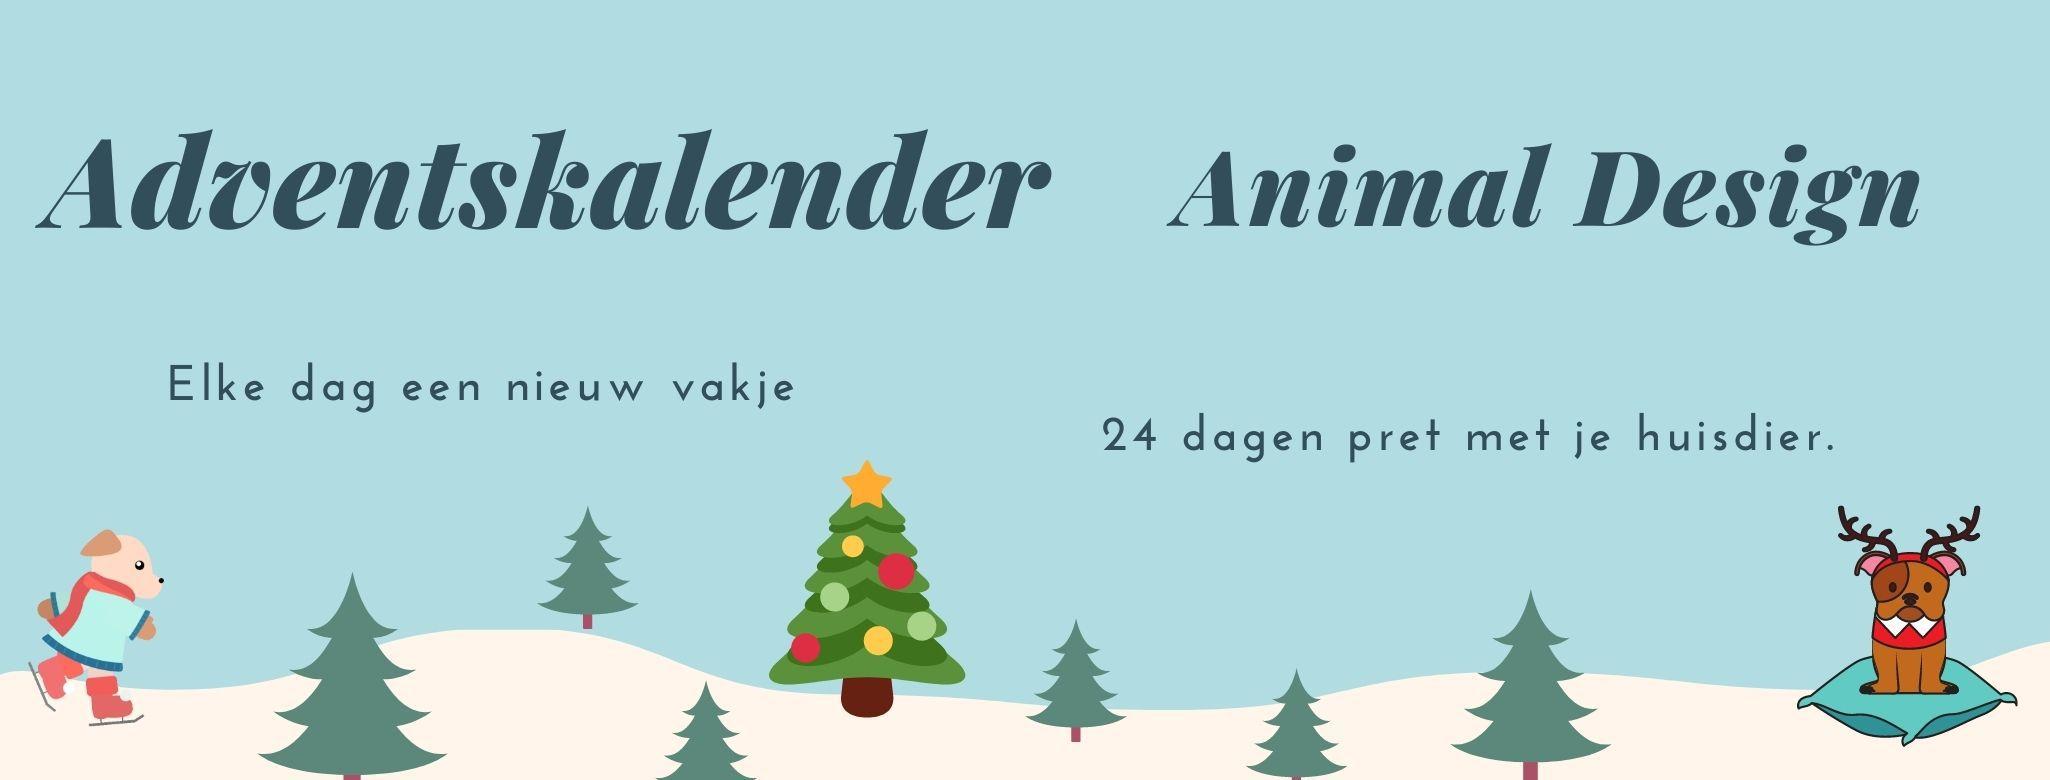 adventskalender-banner